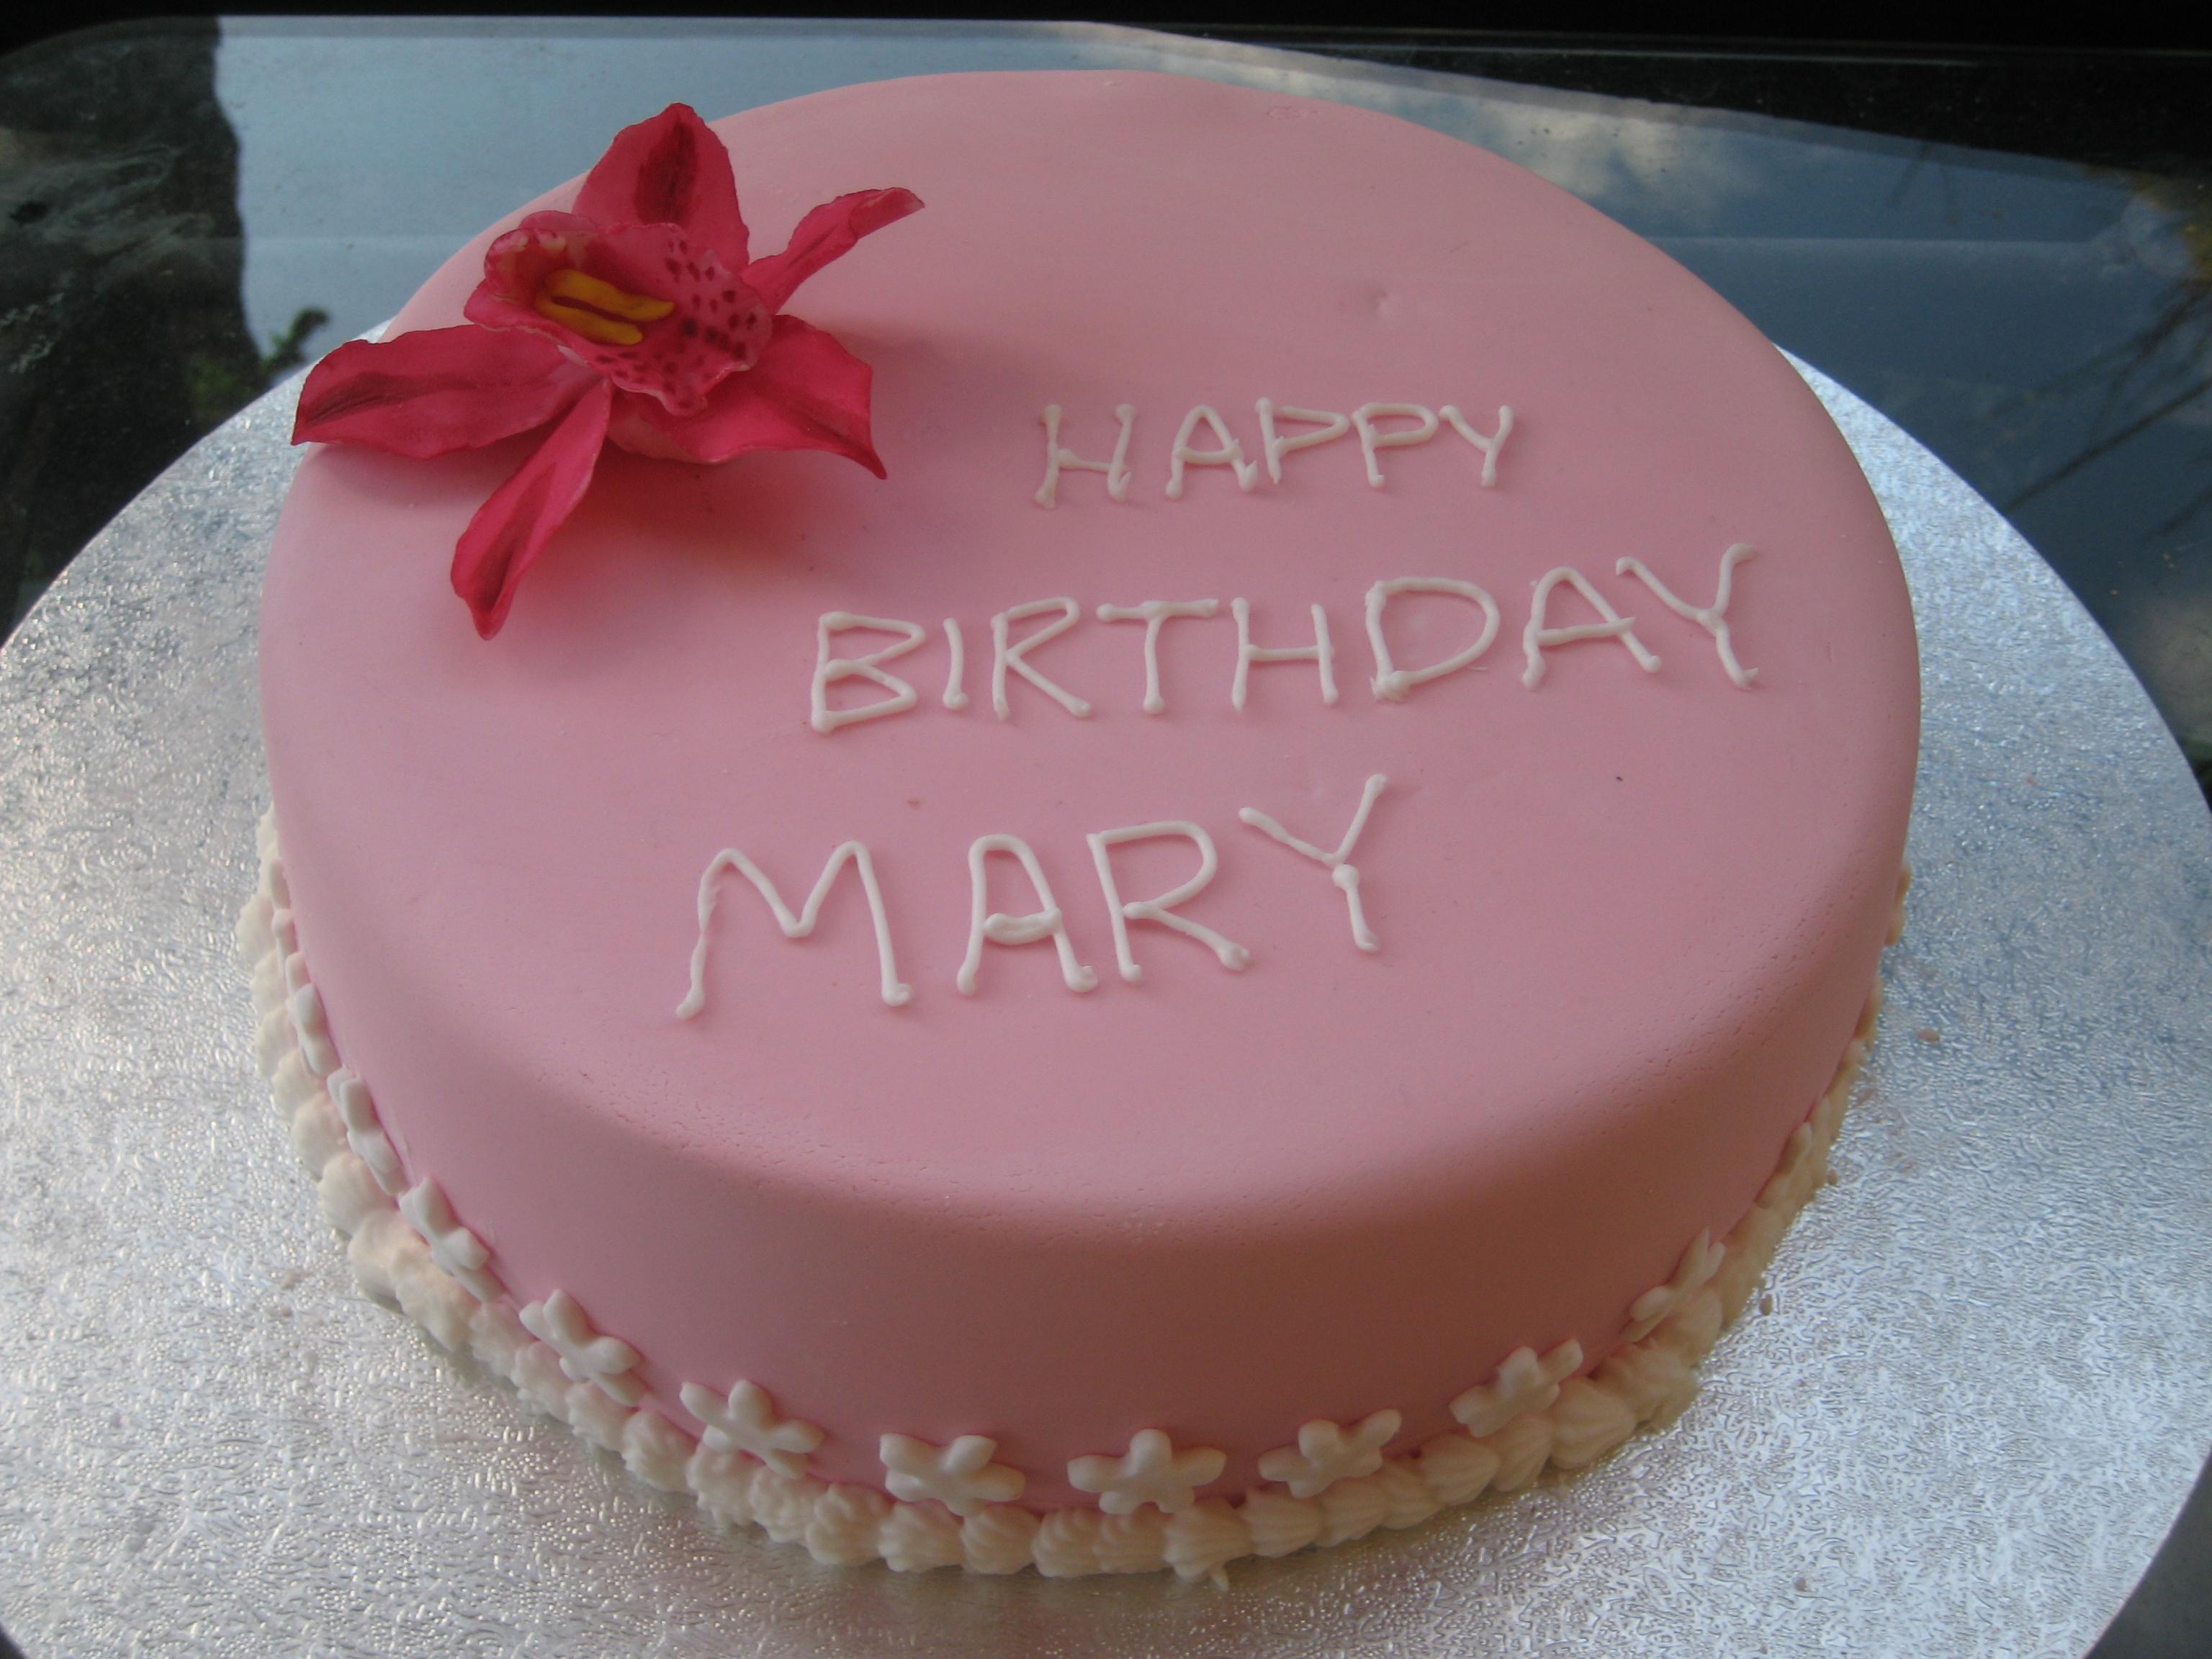 Happy Birthday Mary Sweet Imagination